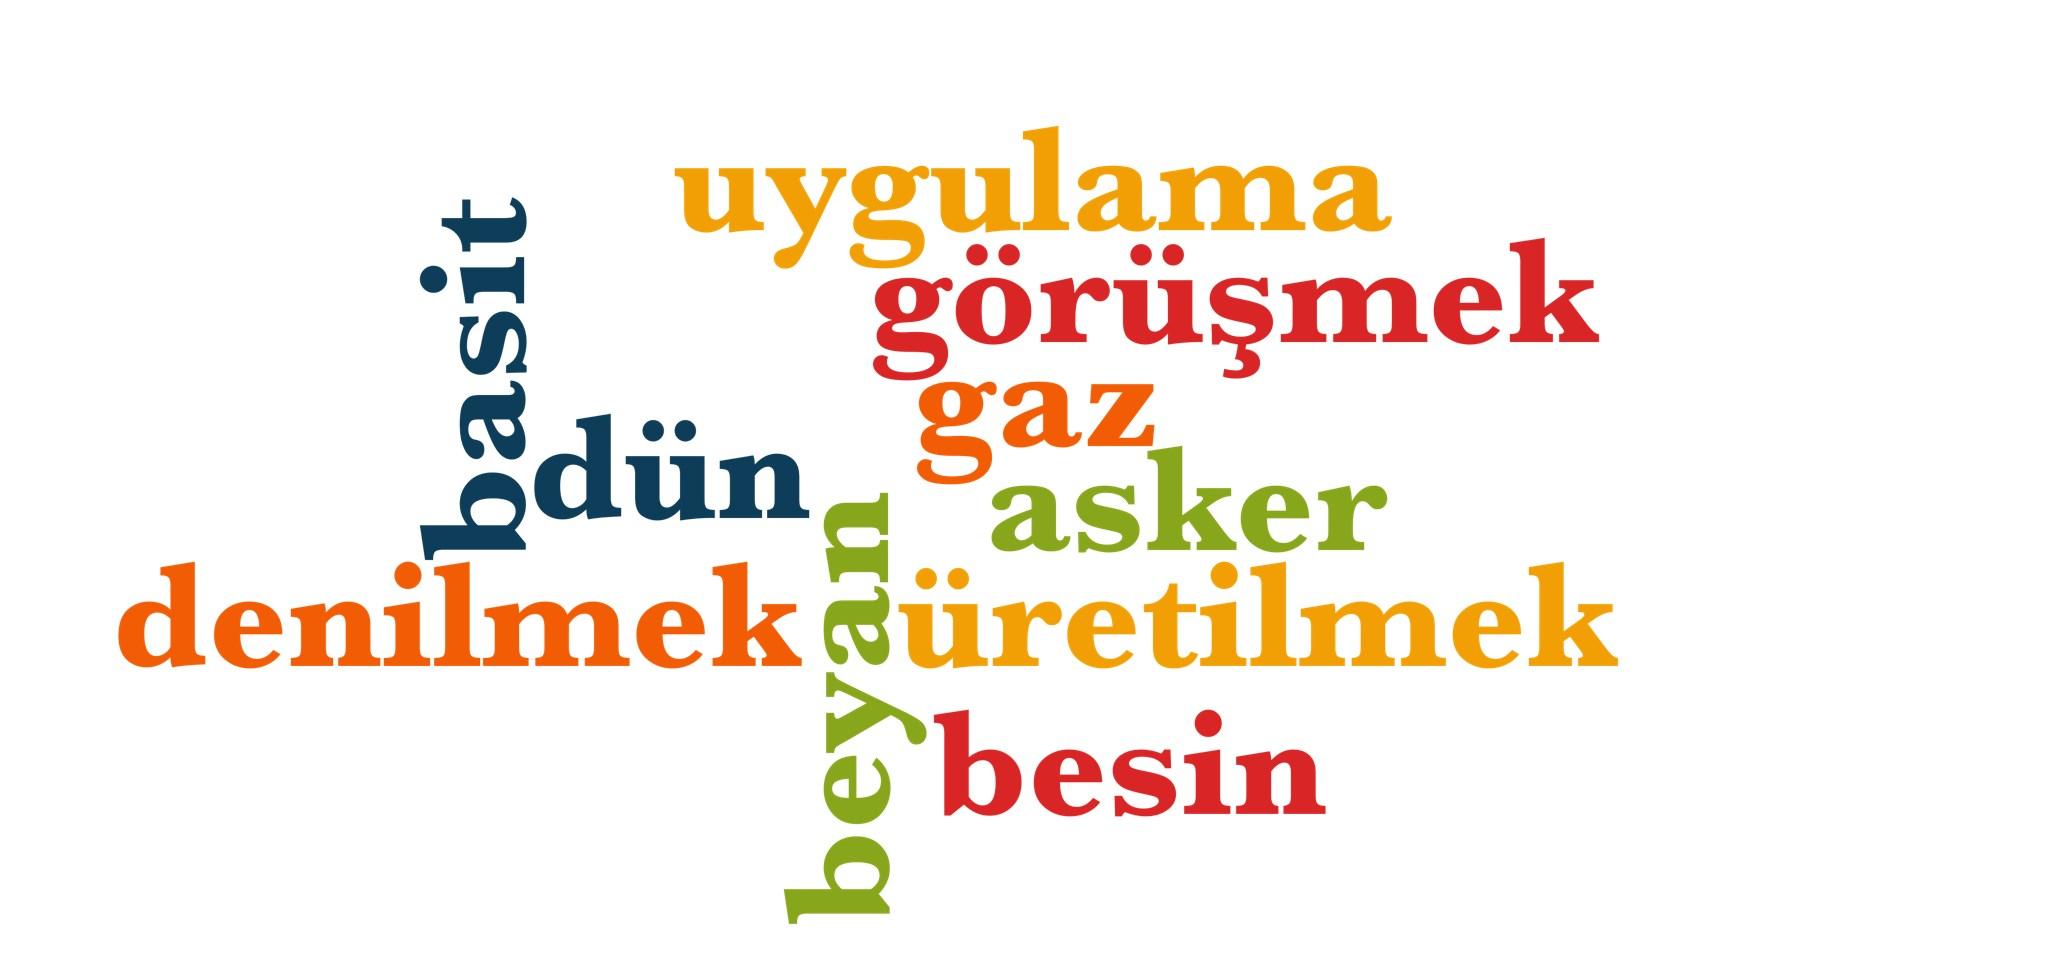 Wörter 911 bis 920 der 1000 häufigsten Wörter der türkischen Sprache